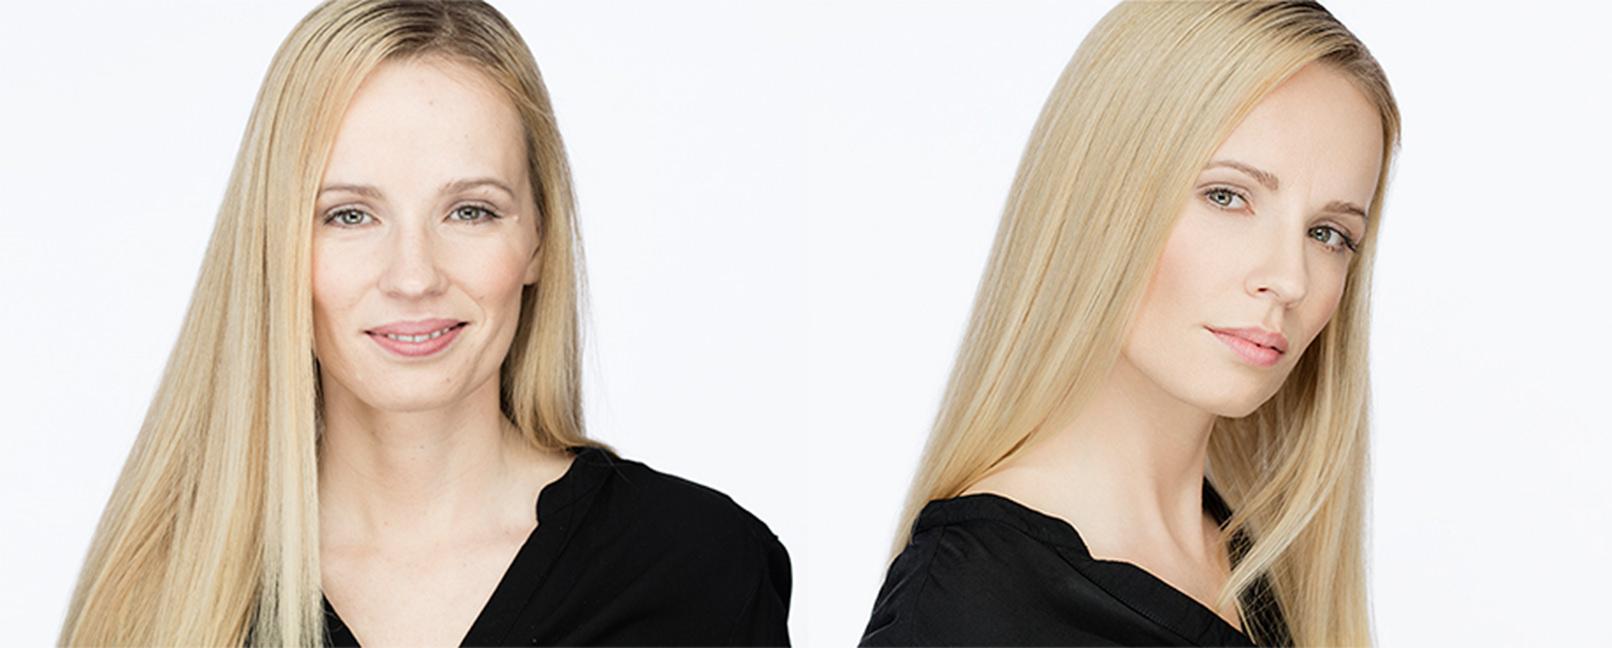 Headshot Portrait einer Frau aus dem Tutorial zur Headshot-Fotografie